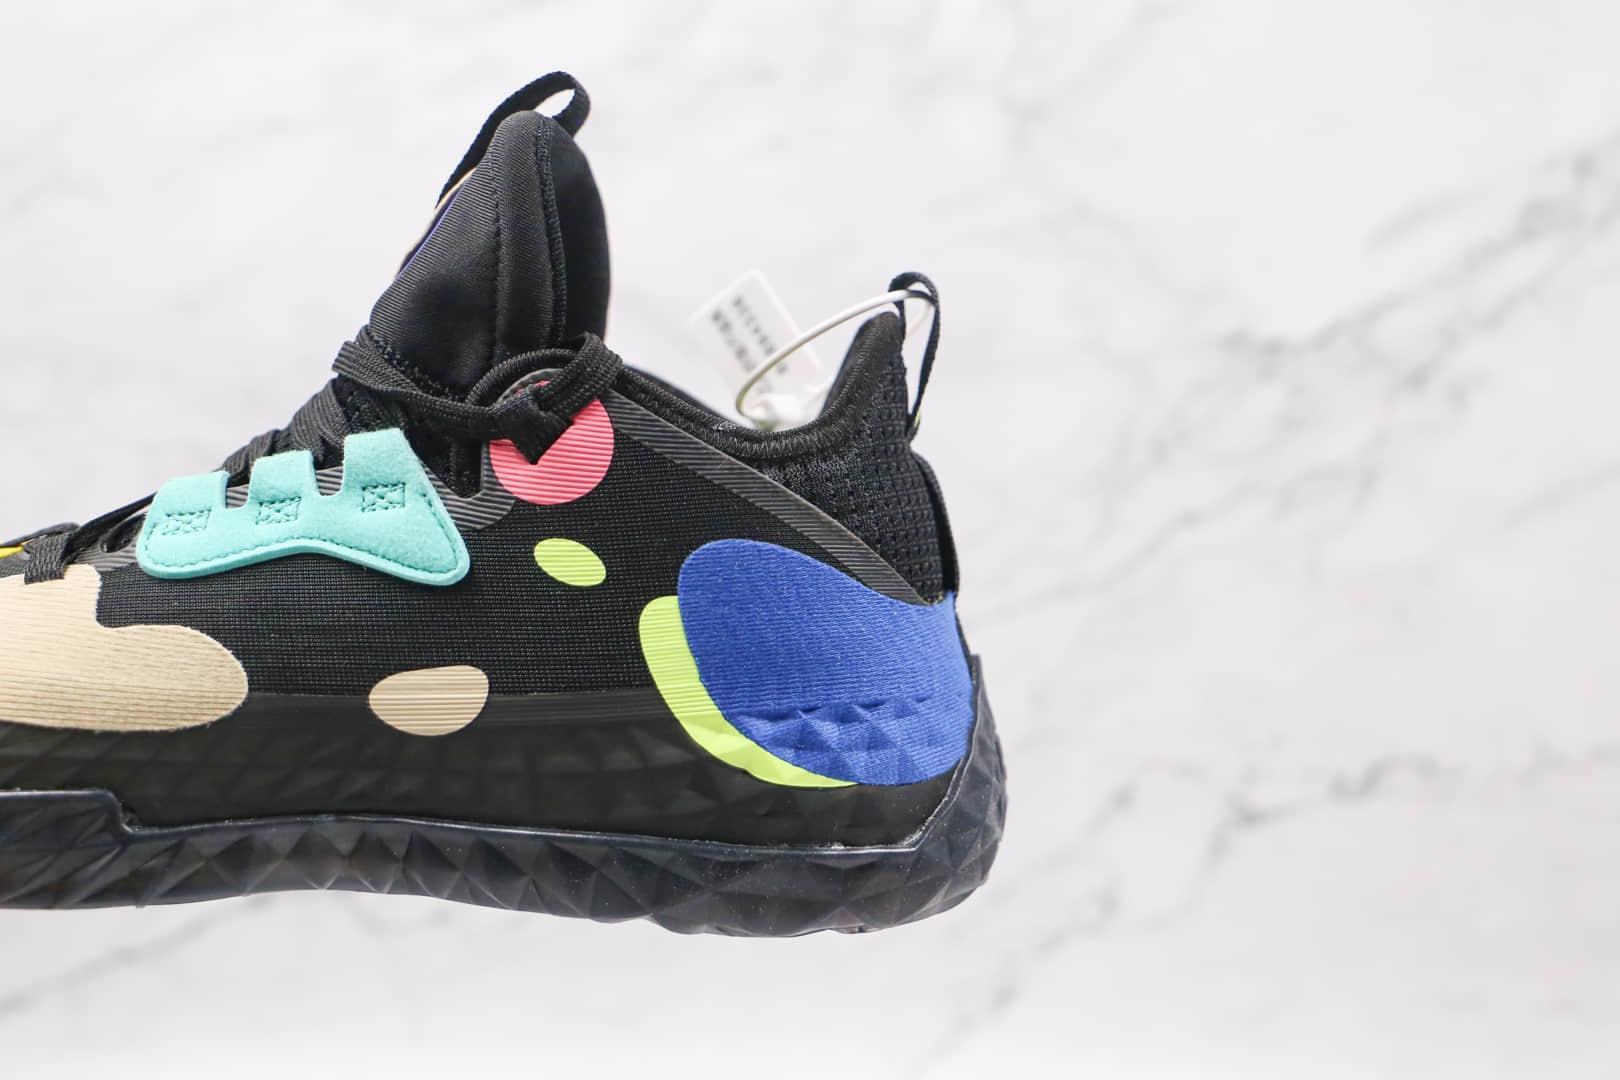 阿迪达斯Adidas Harden Vol.5 Gca纯原版本哈登5代黑色多彩篮球鞋原档案数据开发 货号:FZ1070